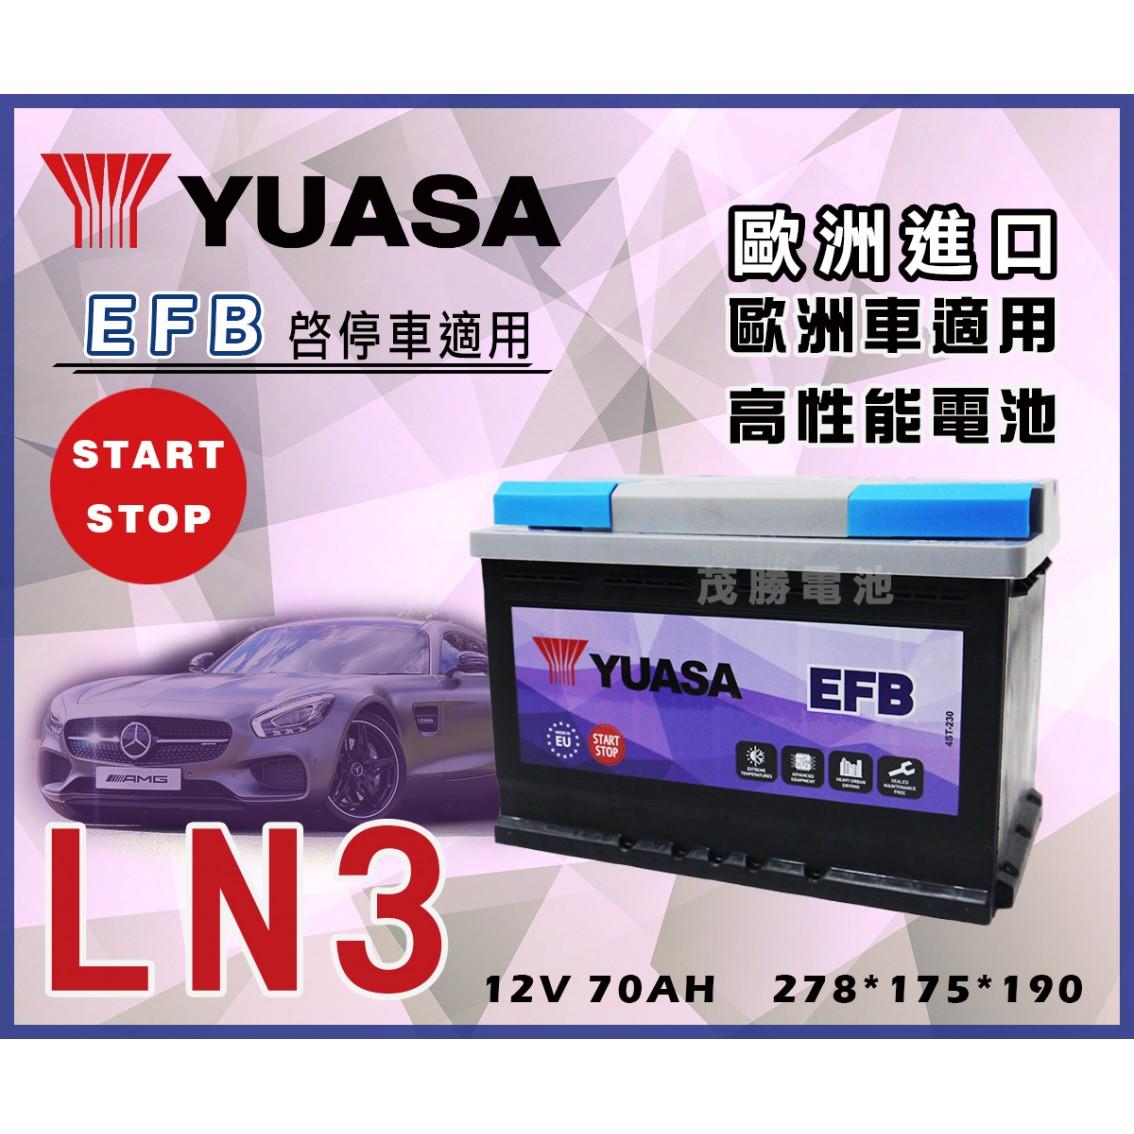 LN3-EFB